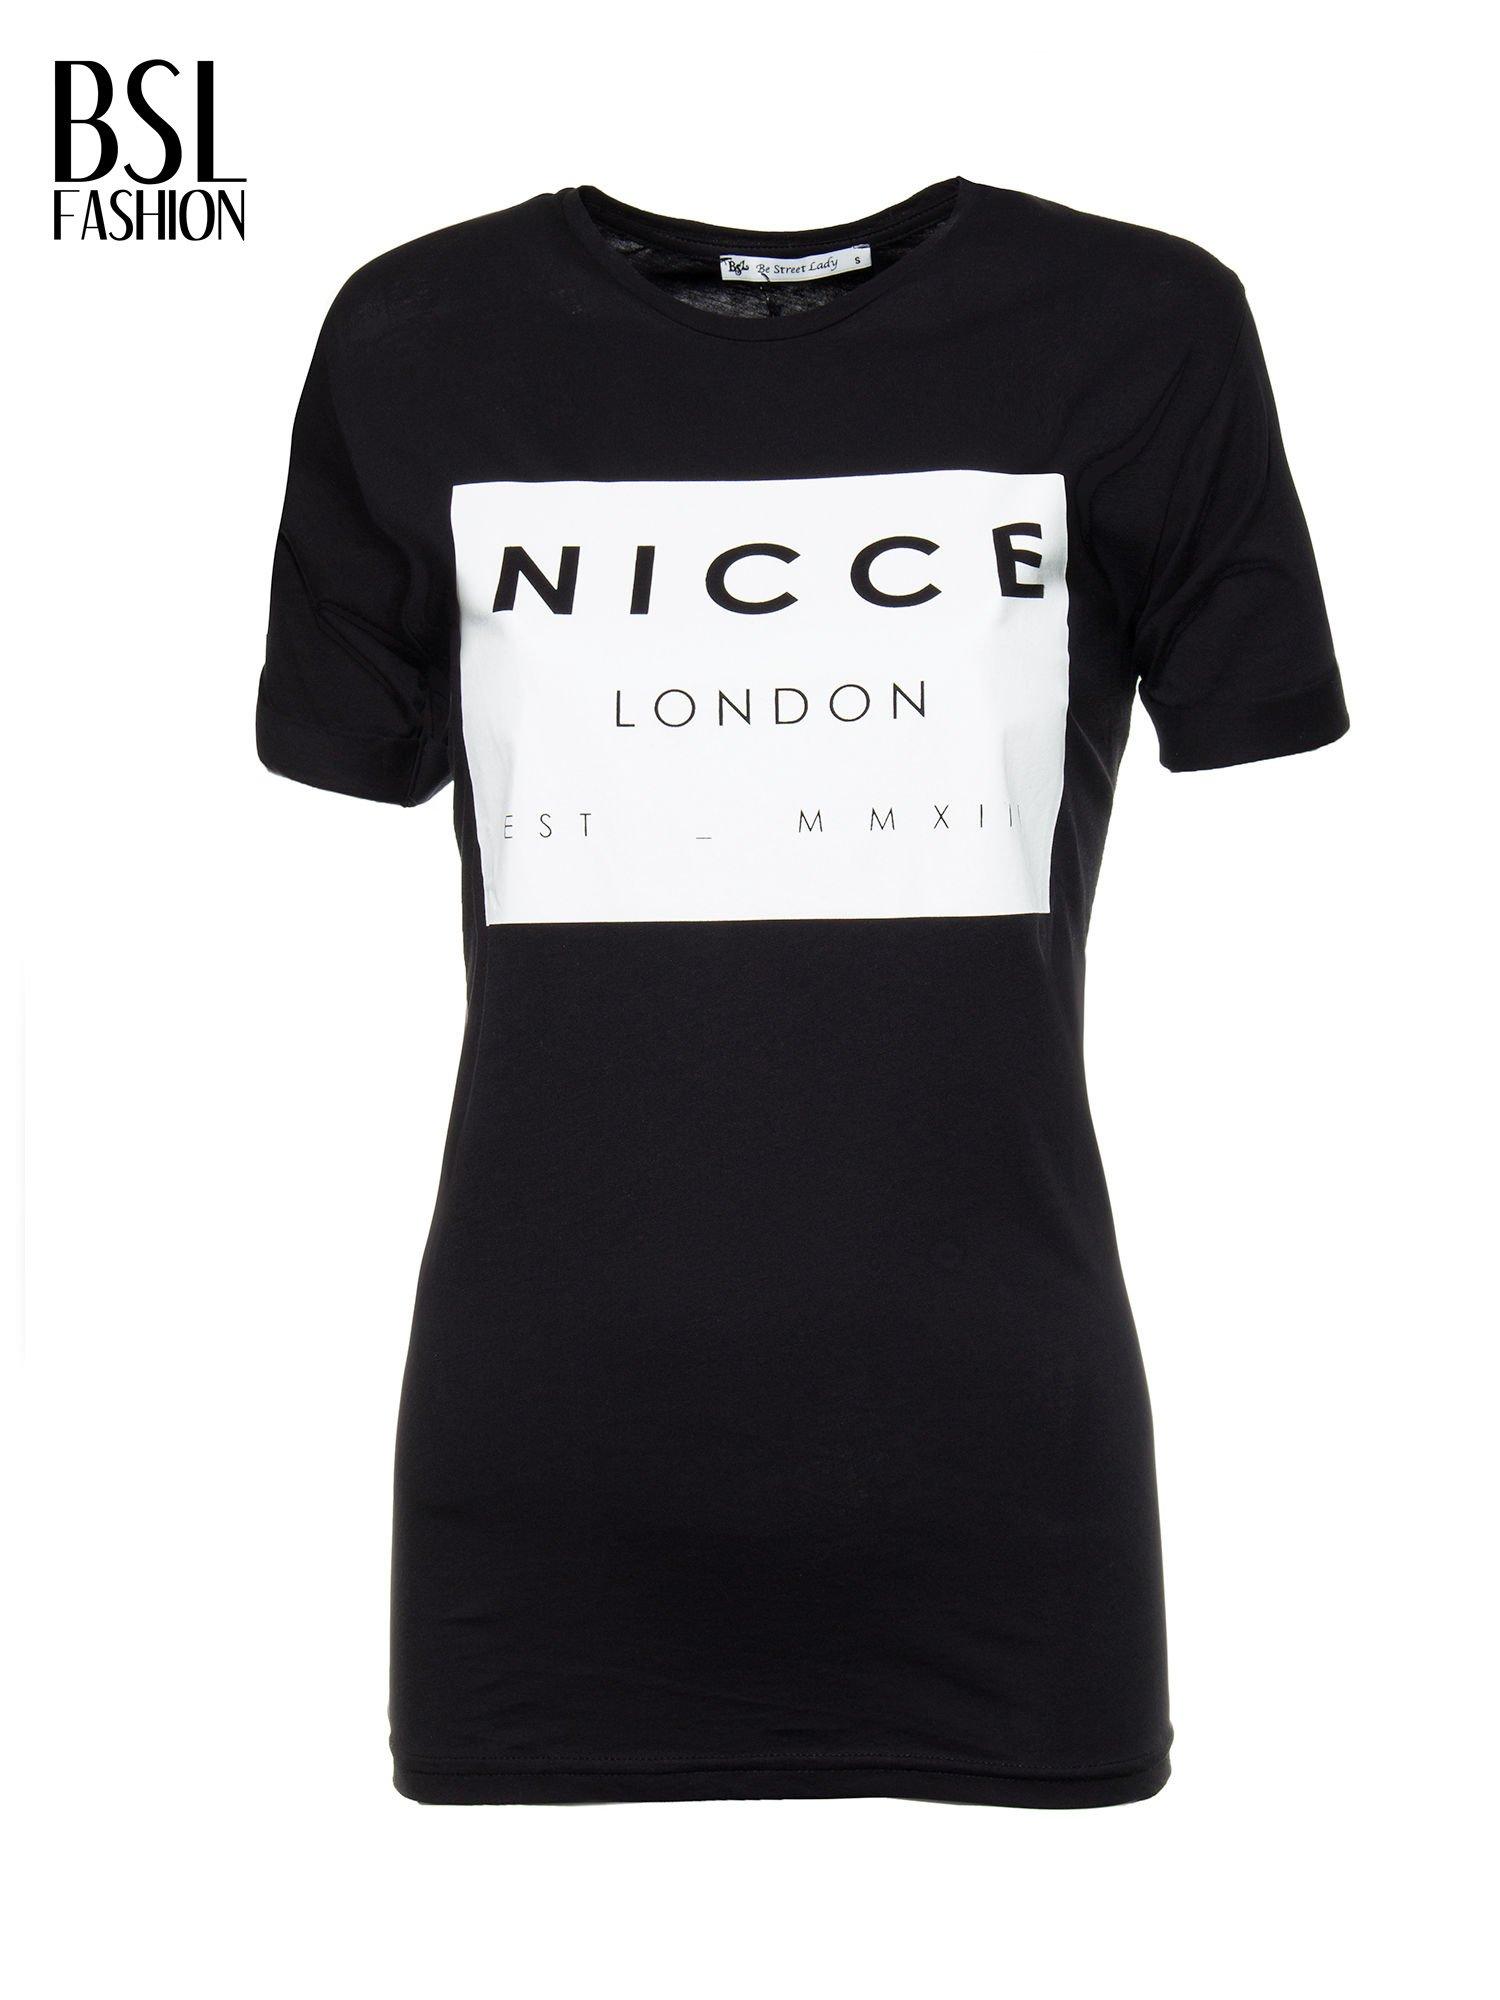 Czarny t-shirt z napisem w minimalistycznym stylu NICCE LONDON                                  zdj.                                  2